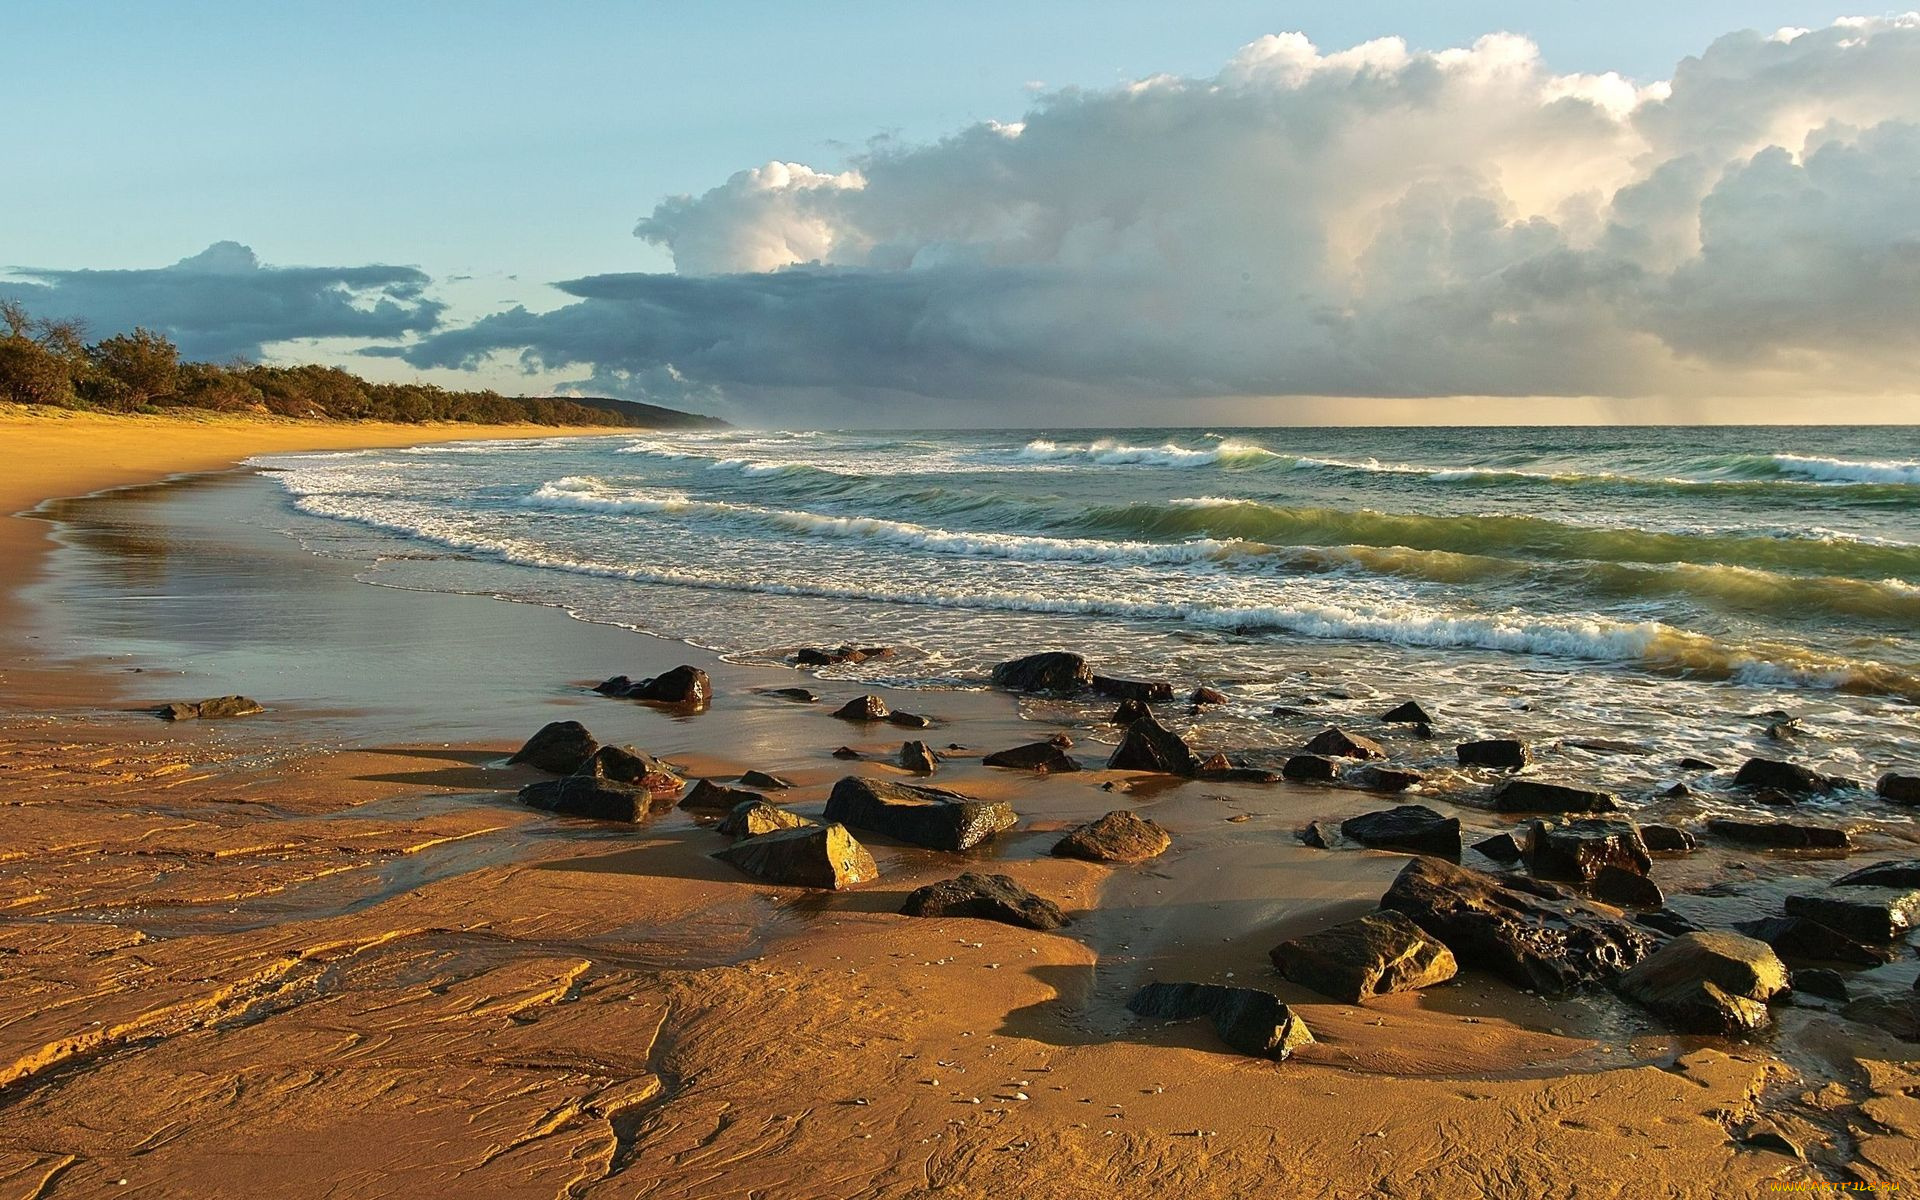 красивые фото морского побережья никогда пыталась